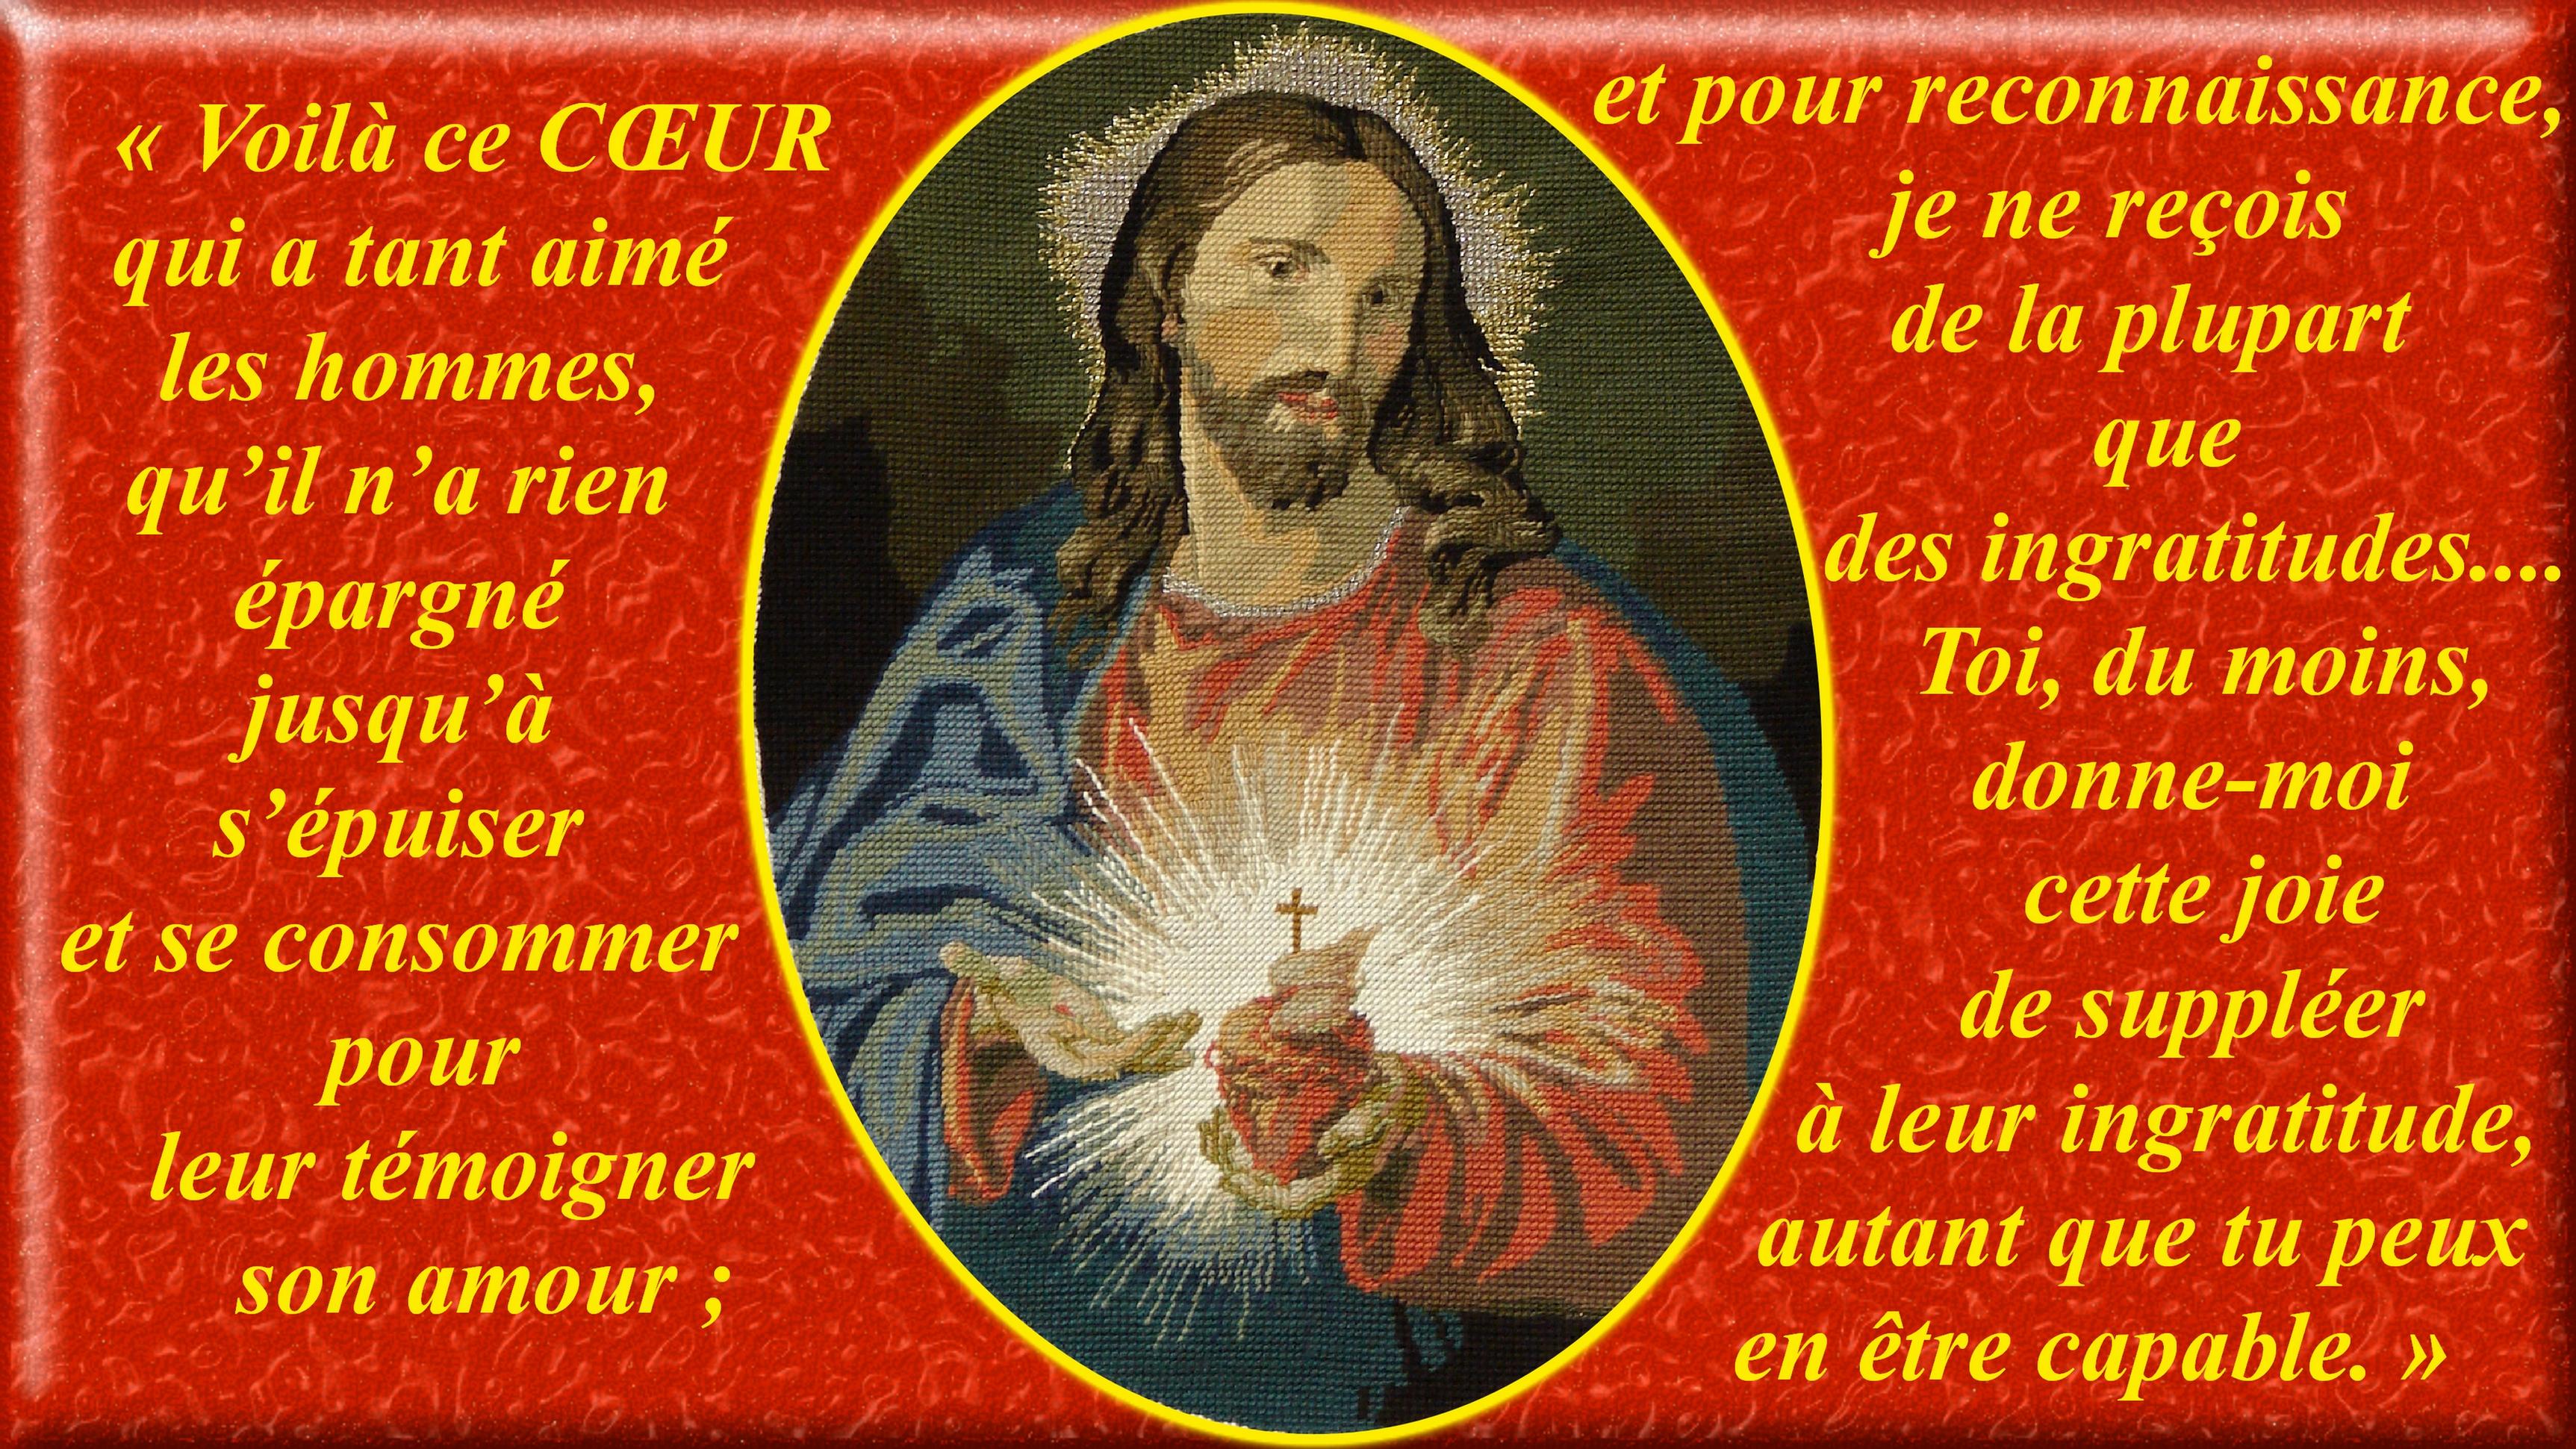 CALENDRIER CATHOLIQUE 2019 (Cantiques, Prières & Images) Canevas-du-sacr--...-hommes--5573014